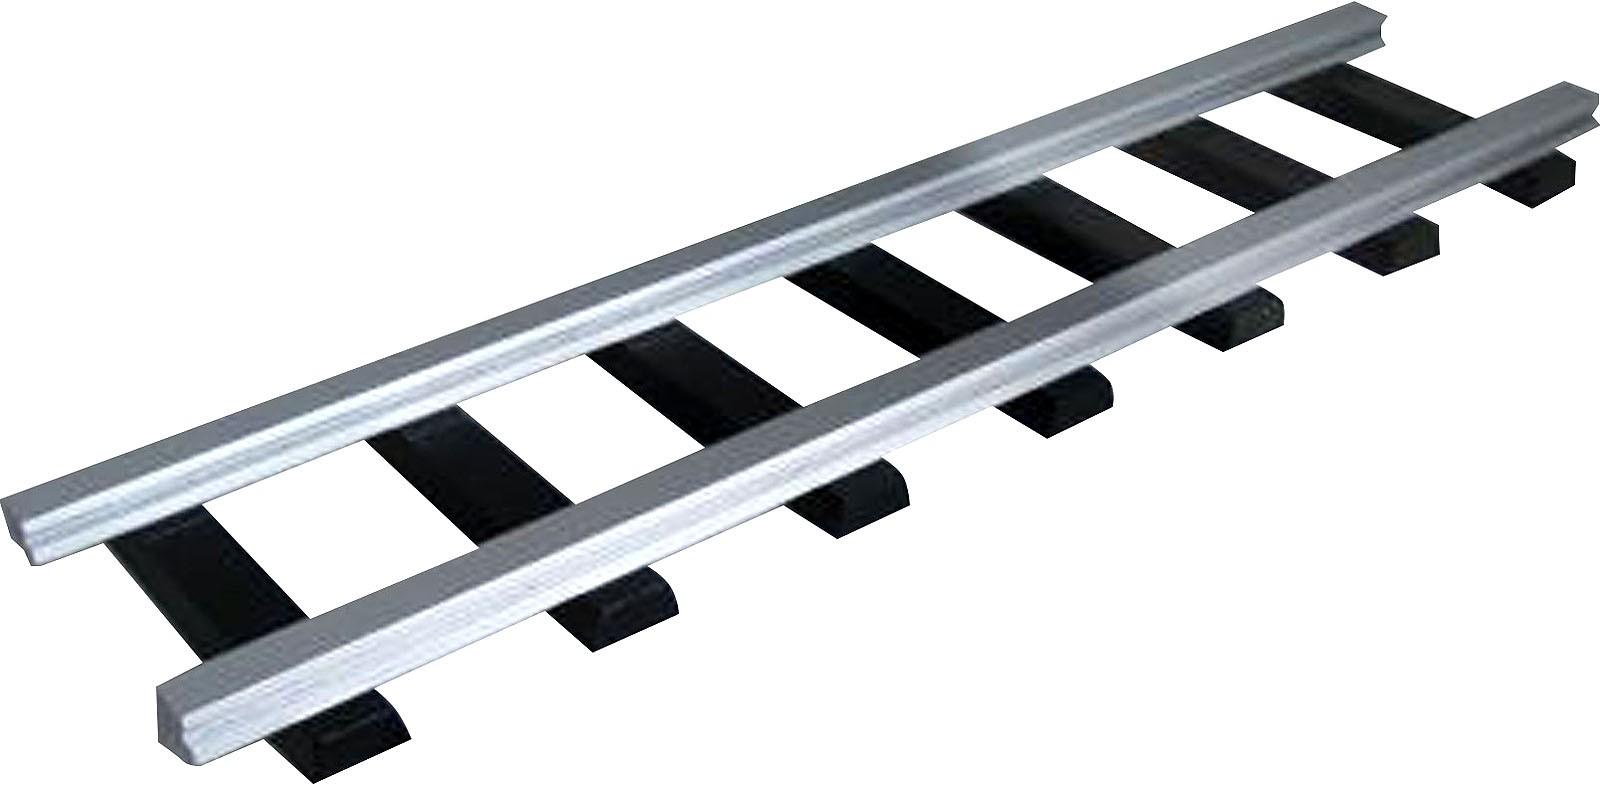 Komponenten für Kantenhockereisenbahn - Gleis